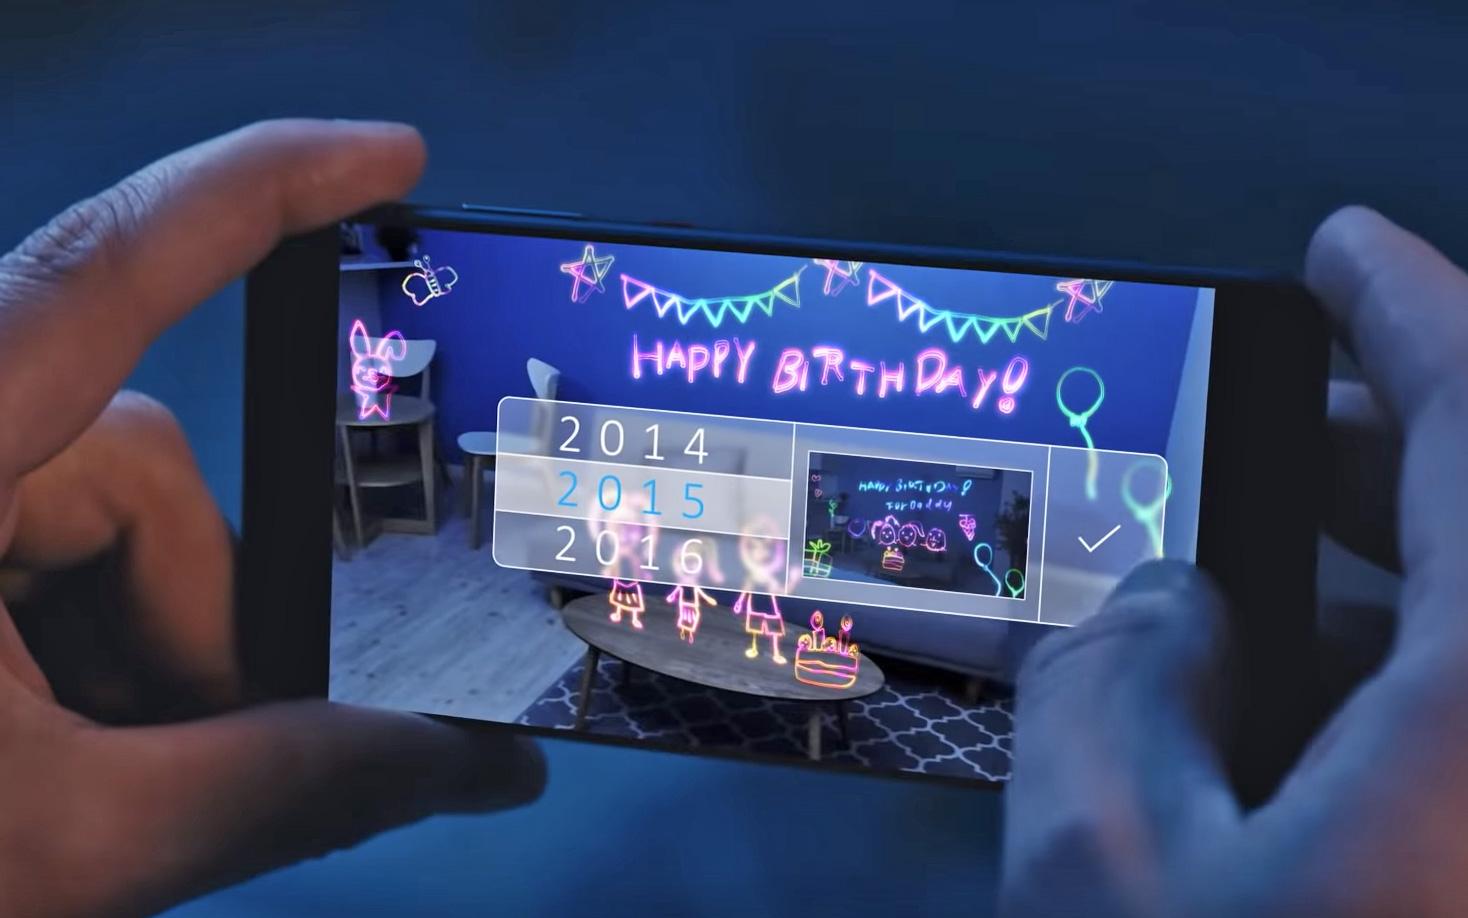 سوني يستعد لإطلاق هواتف مزودة كاميرات 3D ToF ثلاثية الأبعاد